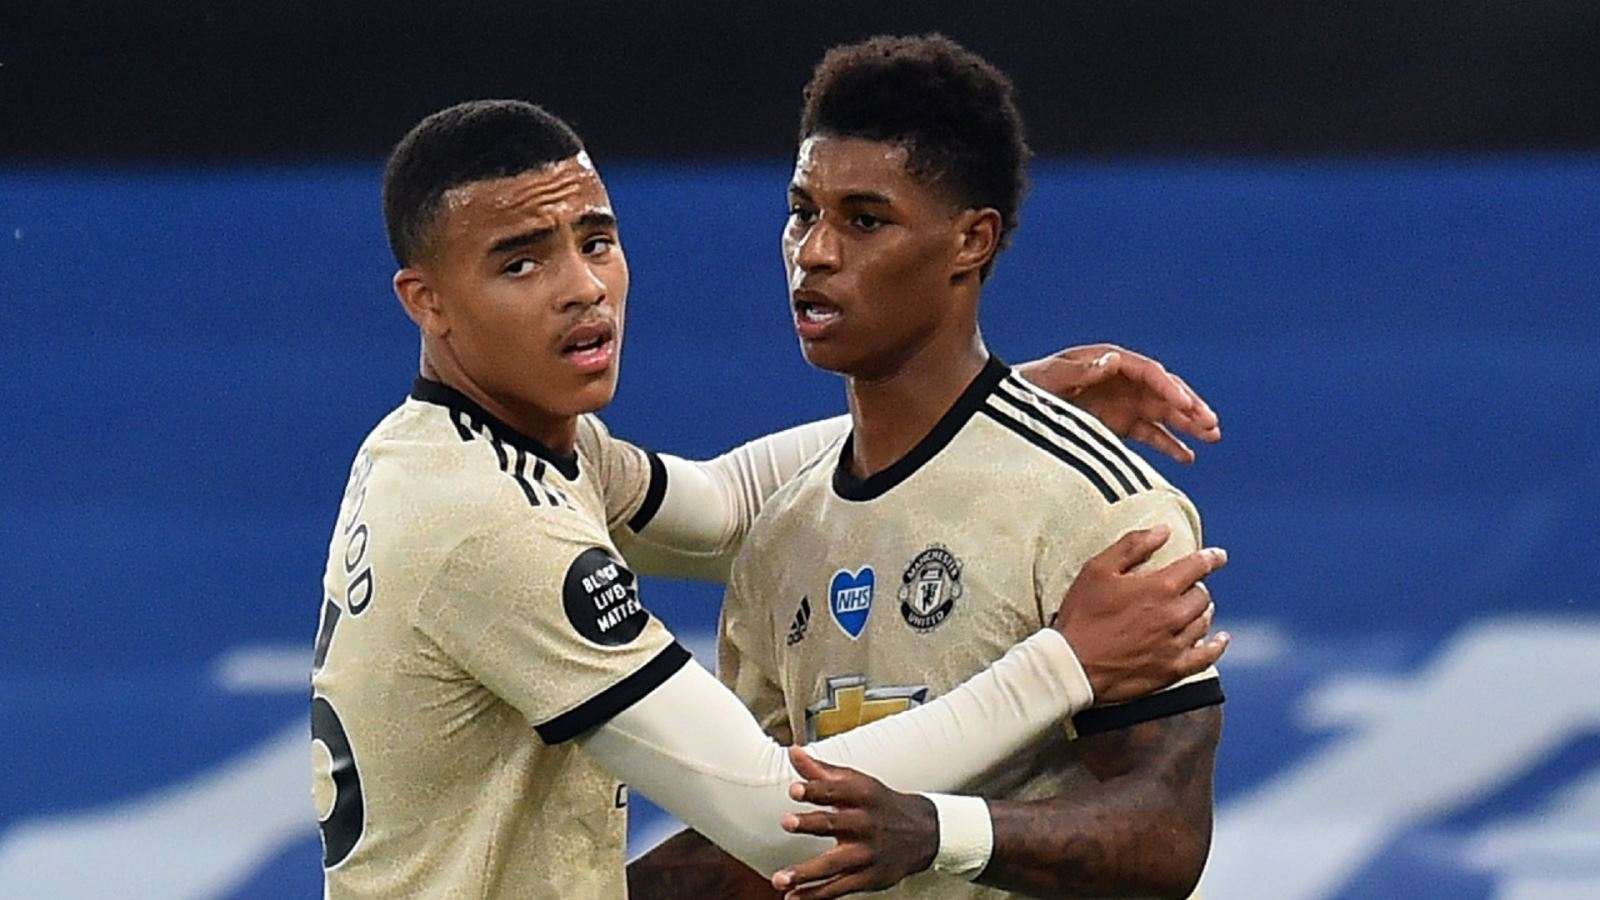 Crystal Palace 0-2 MU: Rashford và Martial nổ súng, MU phả hơi nóng vào Leicester